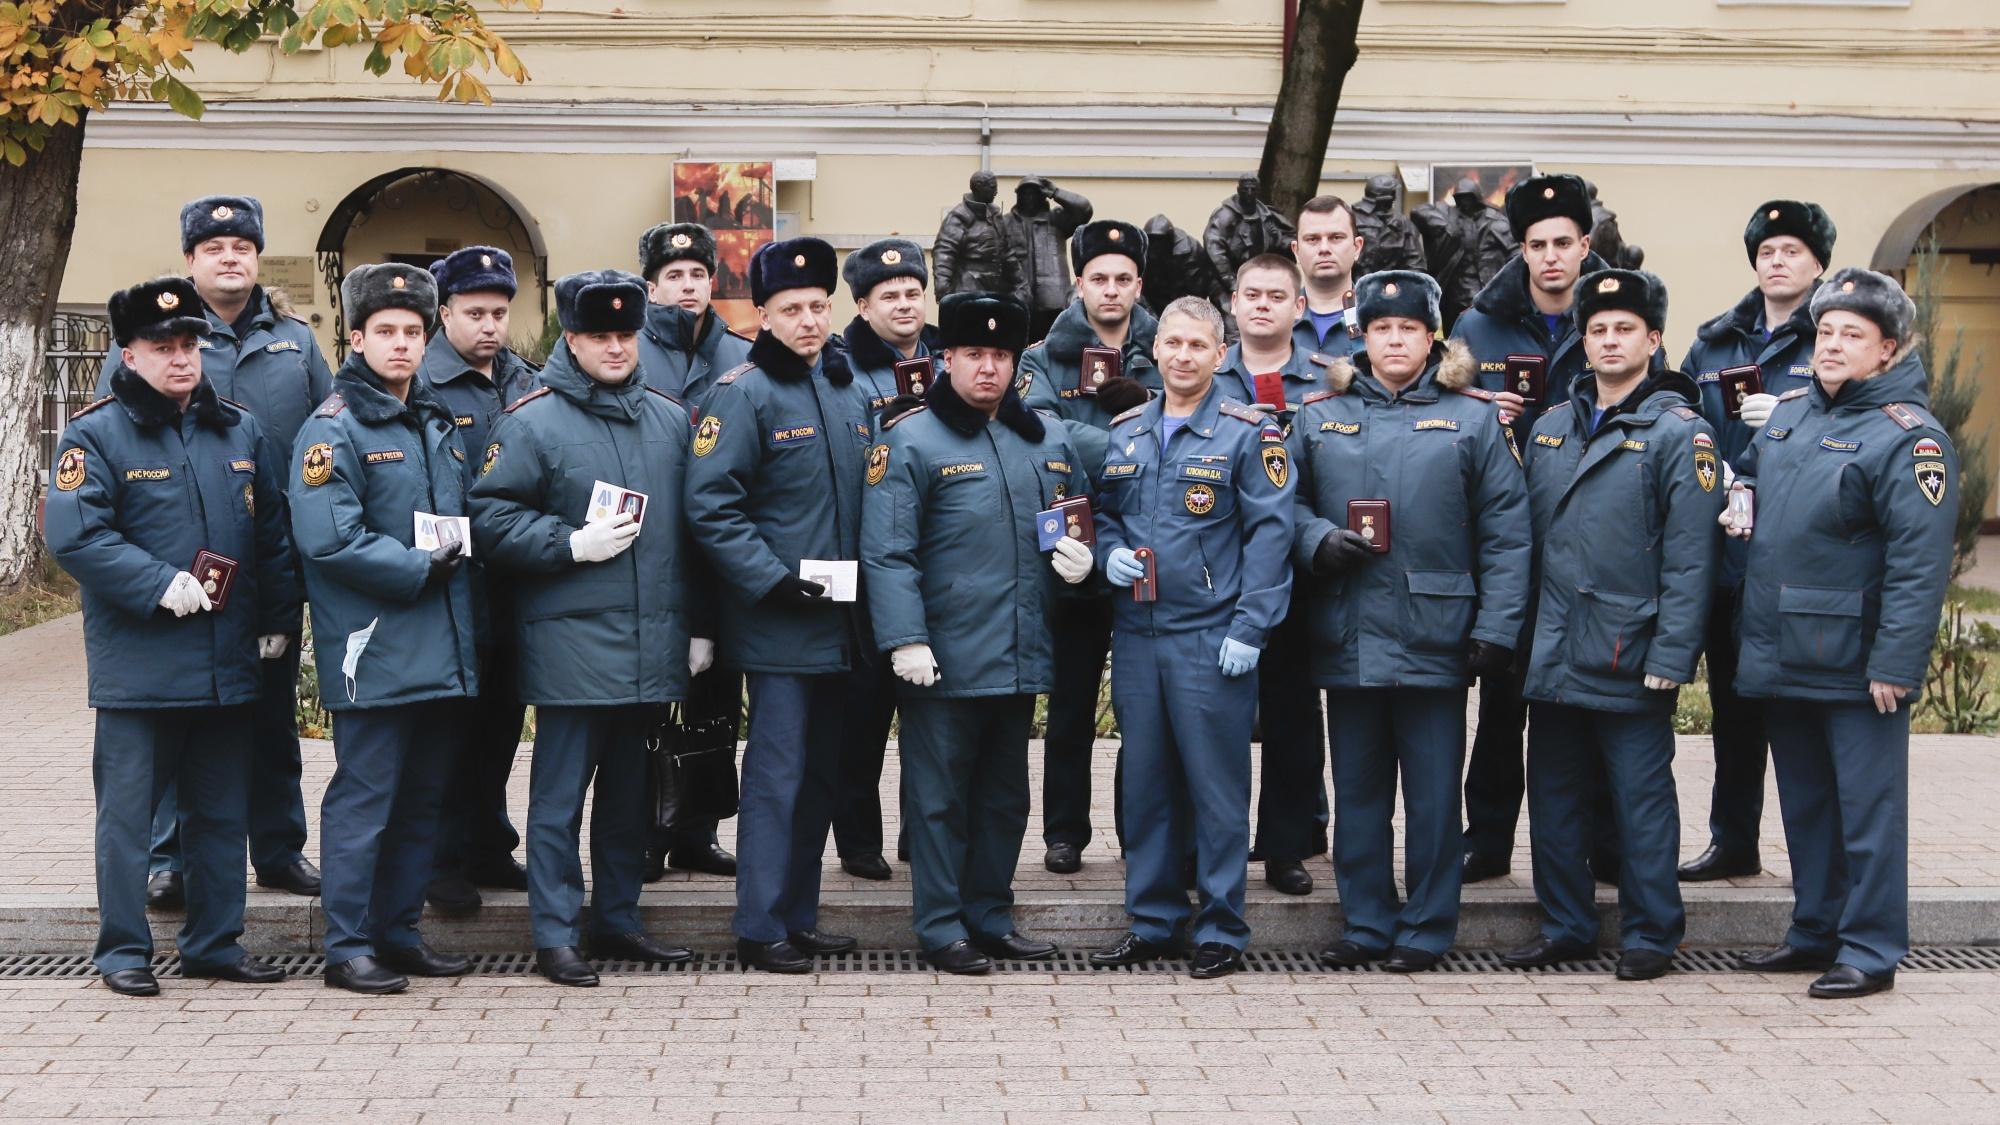 Столичные пожарные награждены Знаком Губернатора Рязанской области за ликвидацию последствий пожара под Рязанью